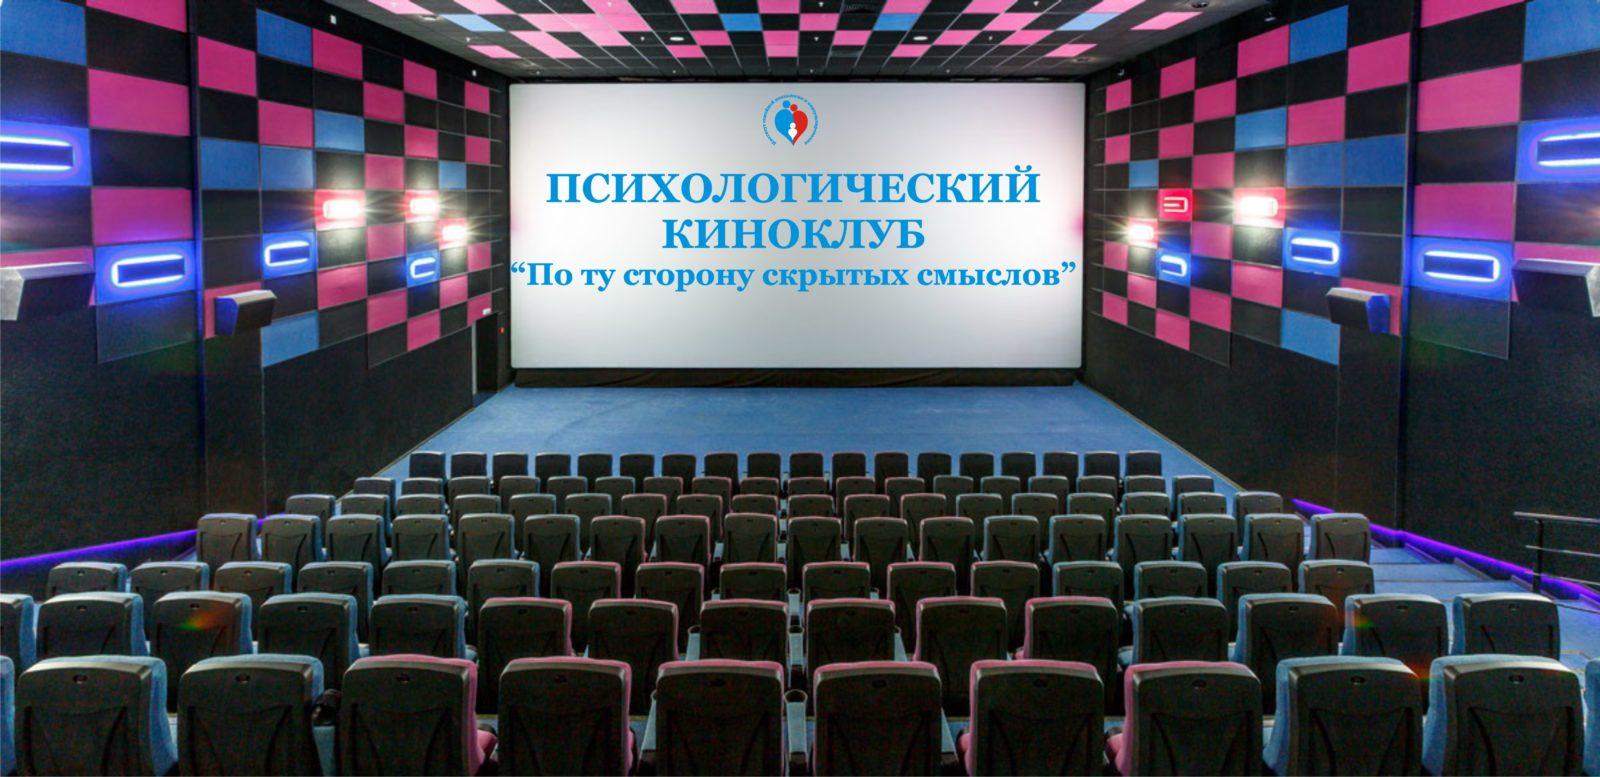 Психологический киноклуб «По ту сторону скрытых смыслов»